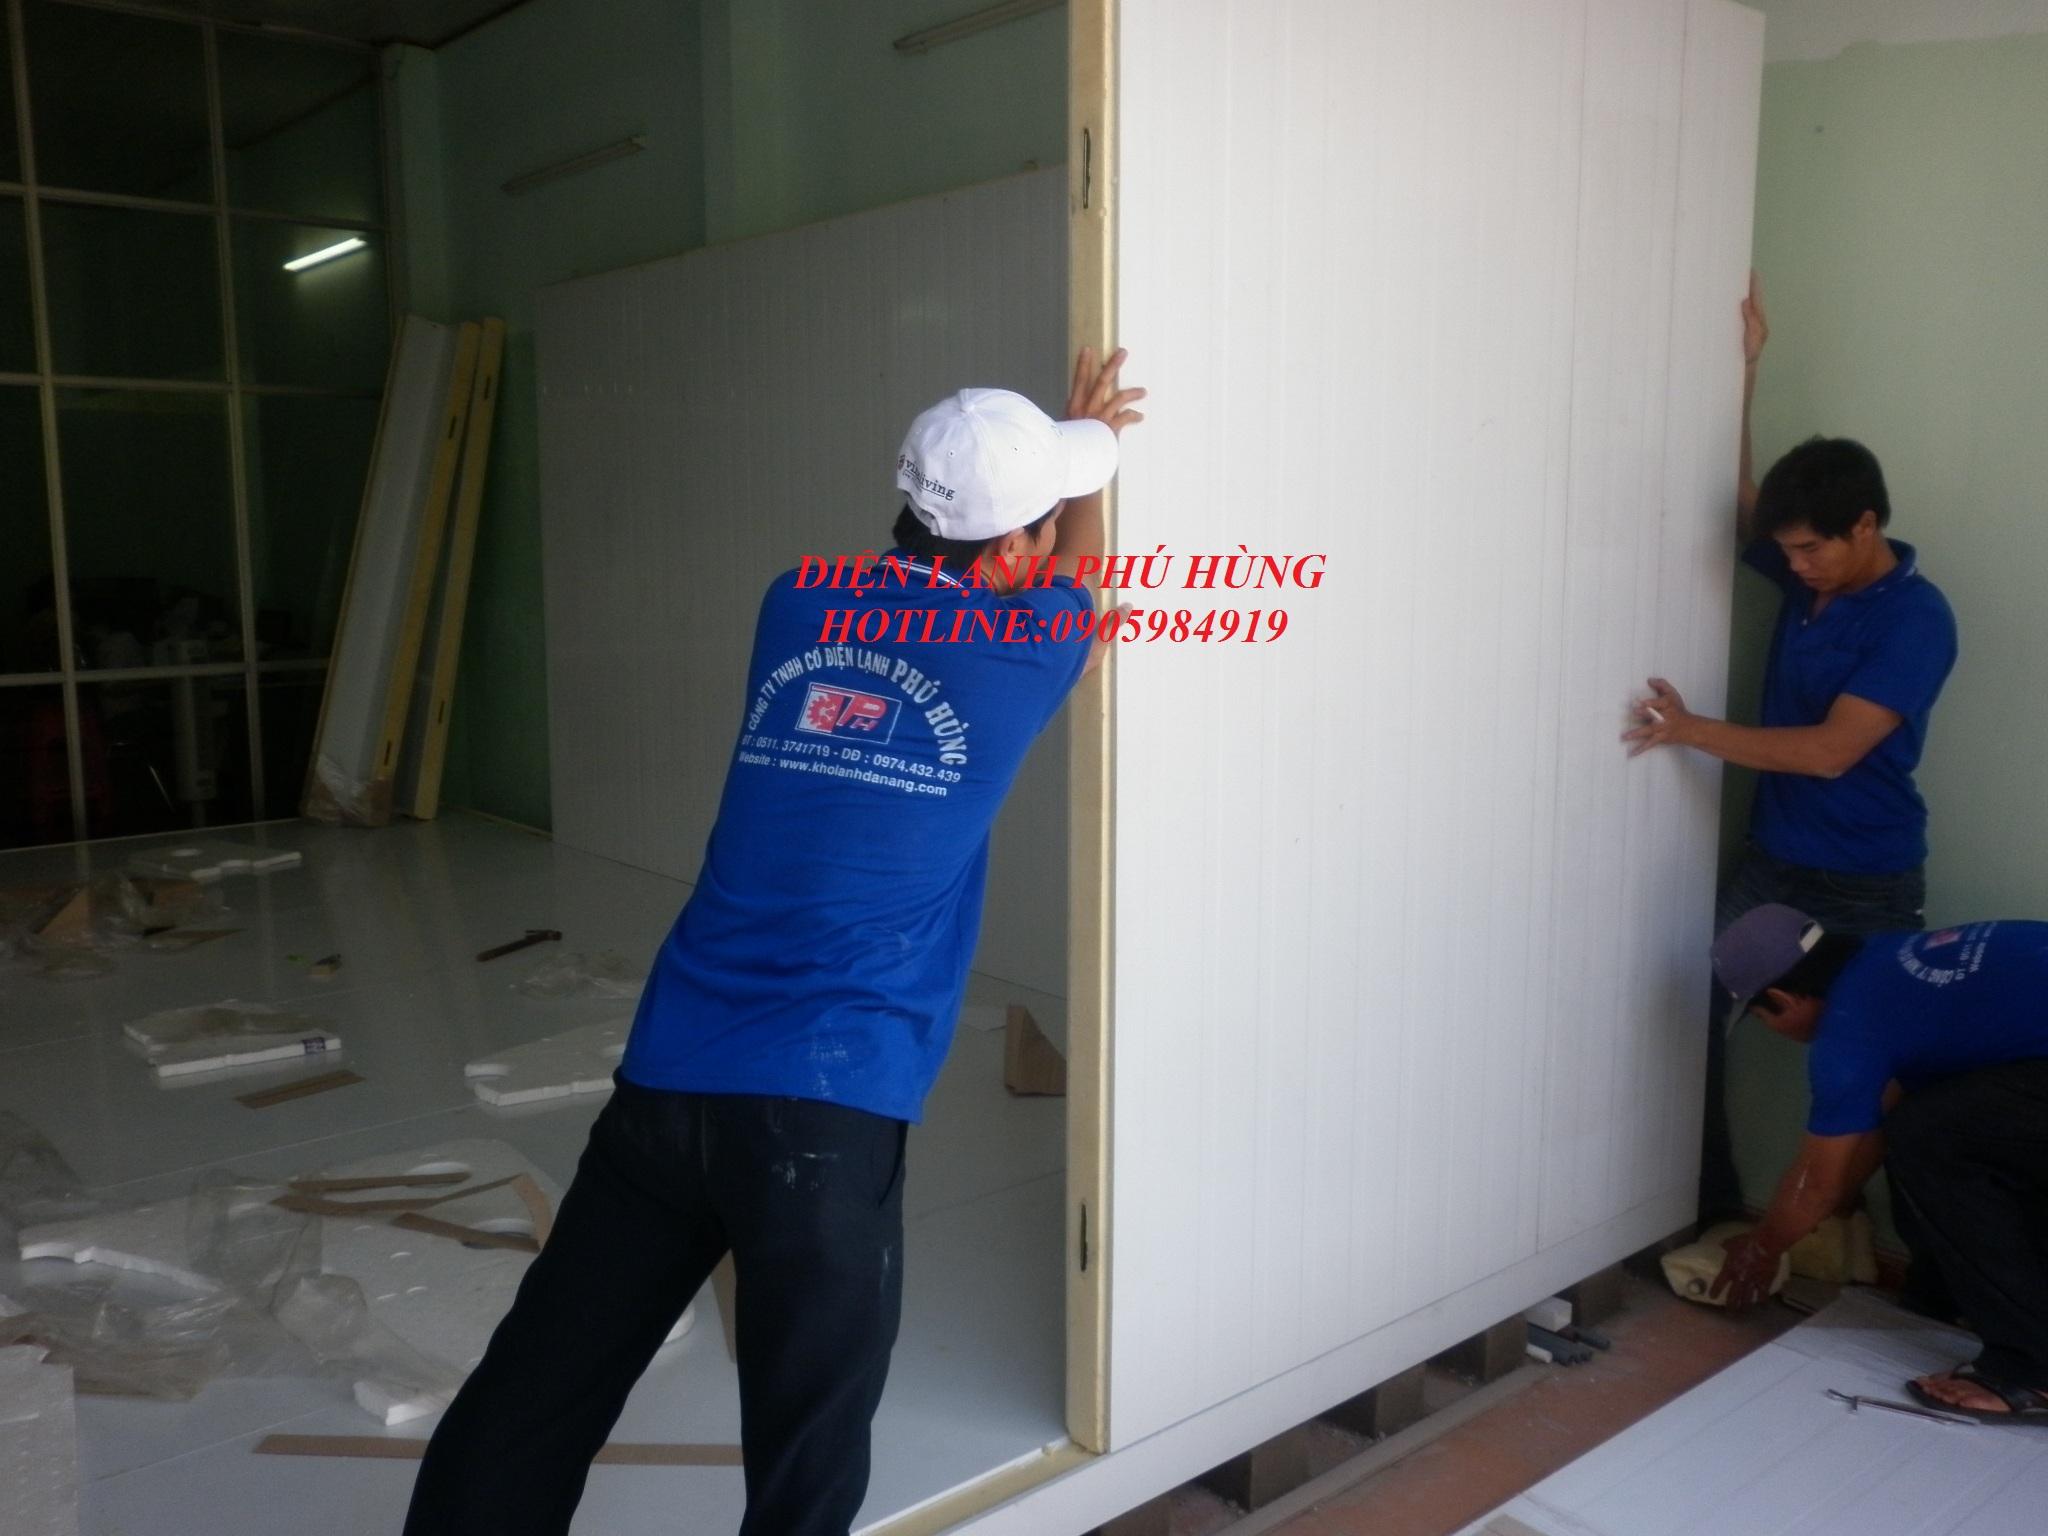 291 - Kho lanh bảo quản sữa vinamilk - Cty MTV Toàn Thành